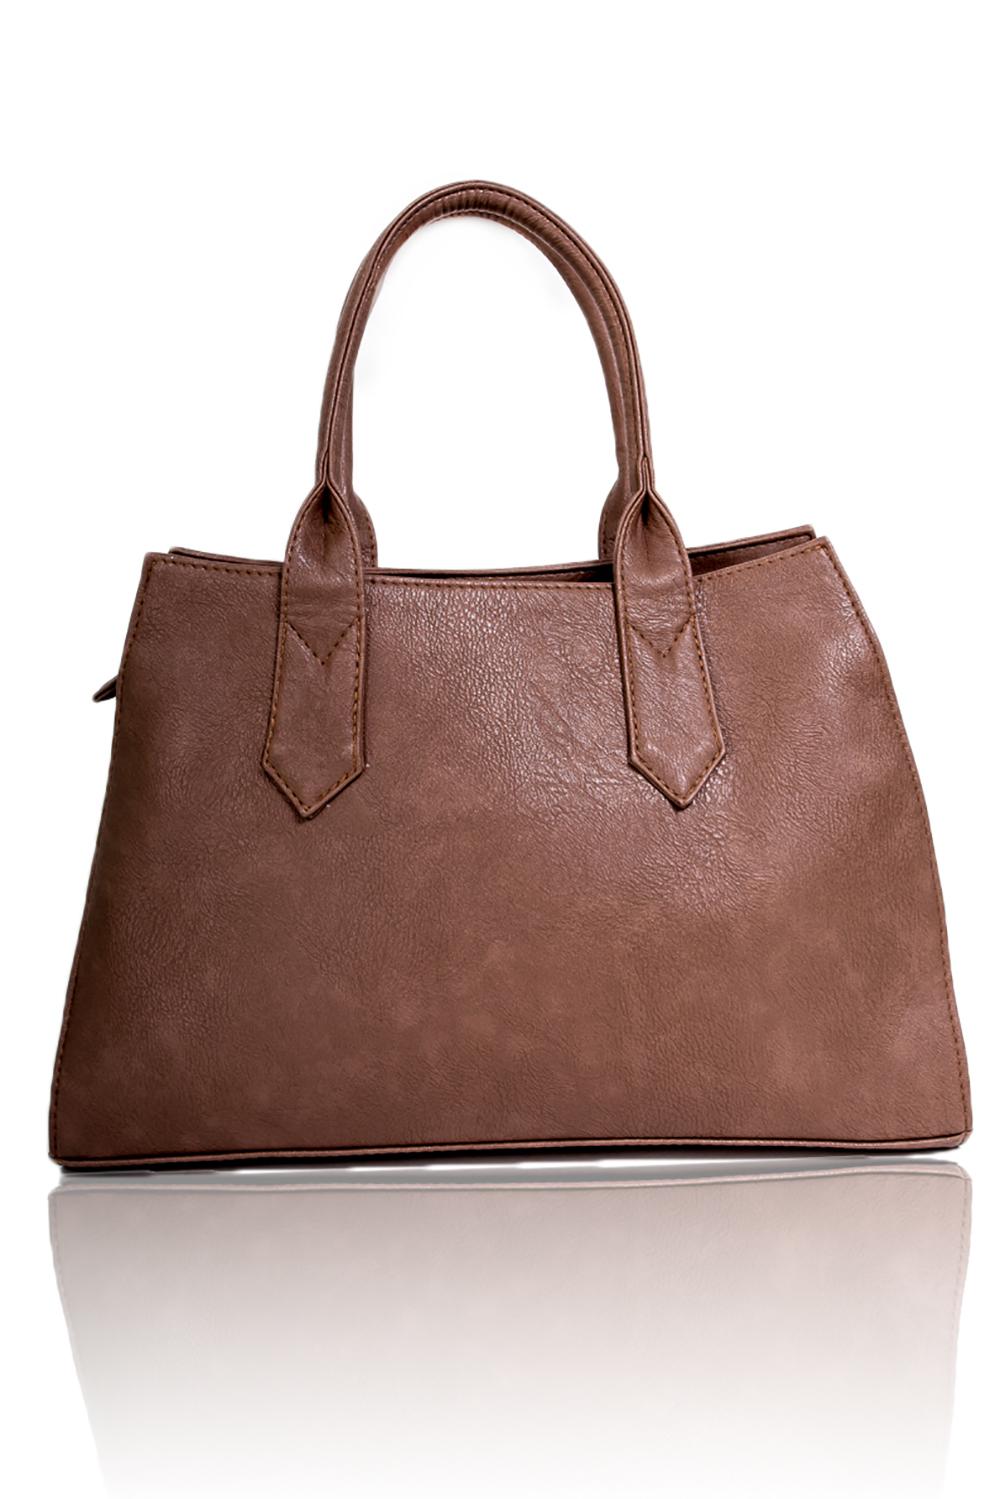 СумкаКлассические<br>Женские сумки бренда DINESSI - это стильные аксессуары, которые по достоинству оценят представительницы прекрасного пола.  Сумка классическая с застежкой на молнии и двумя короткими ручками. Внутри два накладных кармана и карман на молнии.  Цвет: коричневый.  Размеры: Высота - 23 ± 1 см Длина по верху- 32 ± 1 см Длина по низу- 40 ± 1 см Ширина - 10 ± 1 см<br><br>По материалу: Искусственная кожа<br>По размеру: Средние<br>По рисунку: Однотонные<br>По силуэту стенок: Трапециевидные<br>По способу ношения: В руках,На запастье<br>По типу застежки: С застежкой молнией<br>По элементам: Карман на молнии,Карман под телефон<br>Ручки: Короткие<br>Размер : UNI<br>Материал: Искусственная кожа<br>Количество в наличии: 1